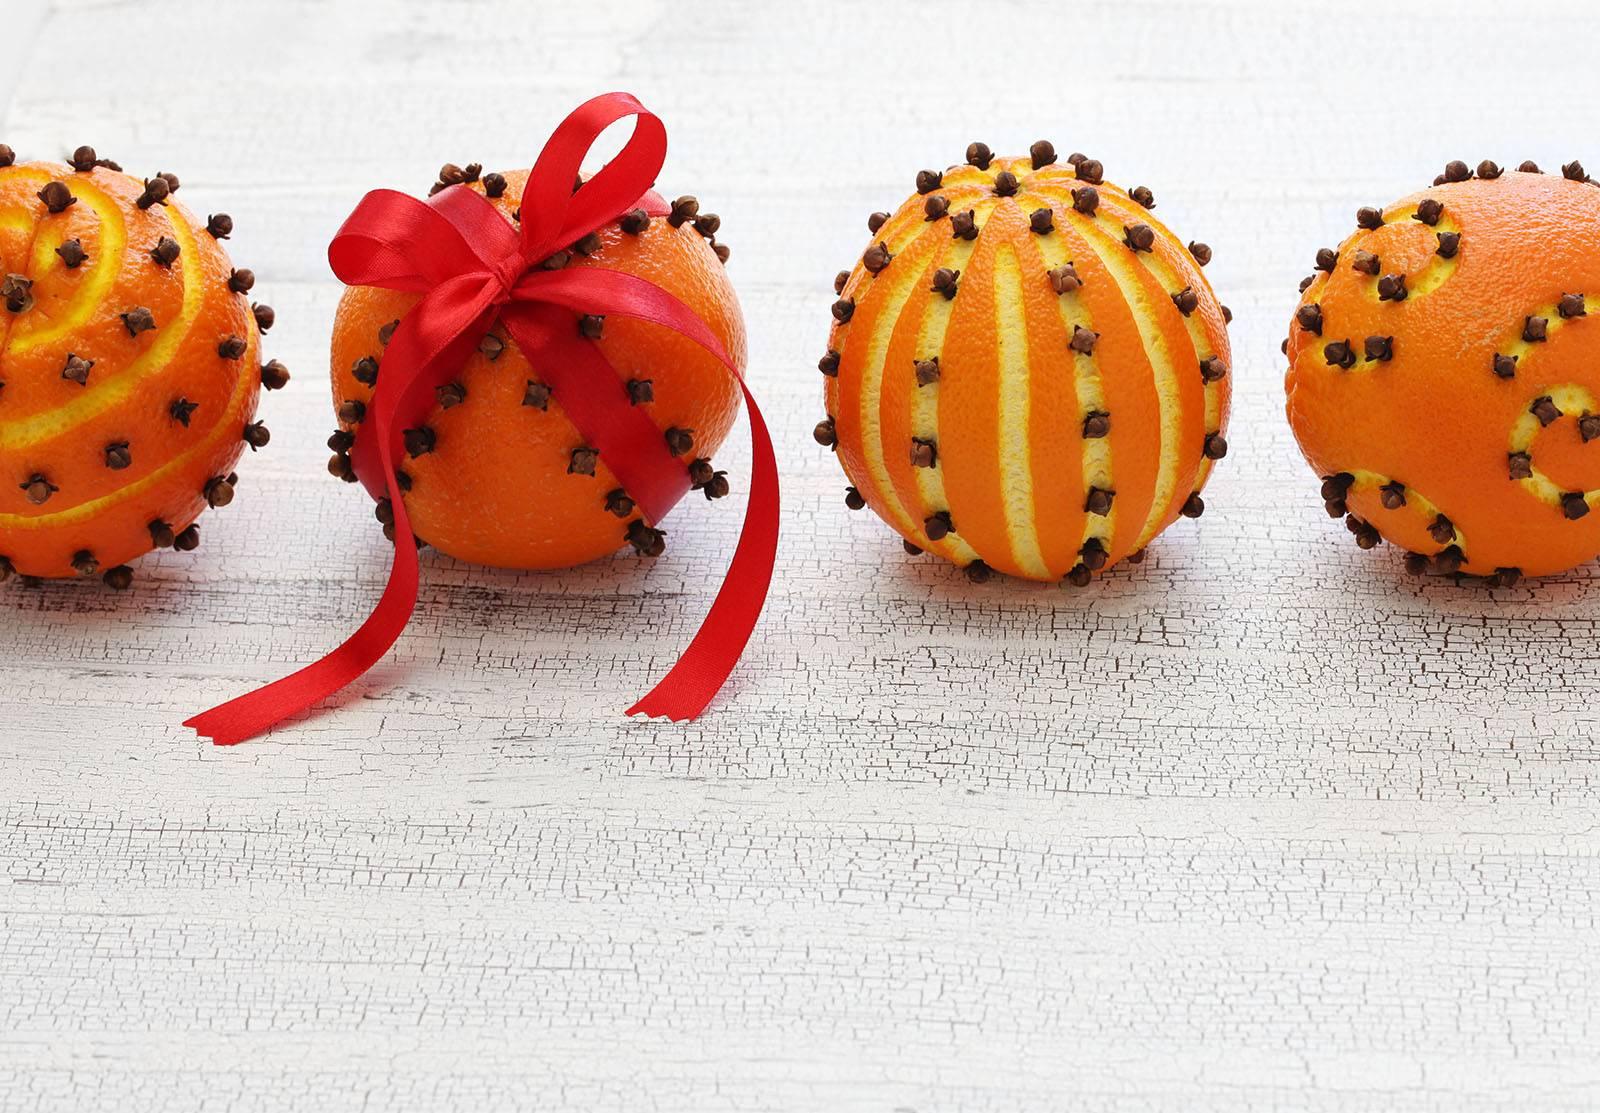 Activité Manuelle : Les Oranges De Noël - Family Sphere tout Activités Manuelles Enfants Noel